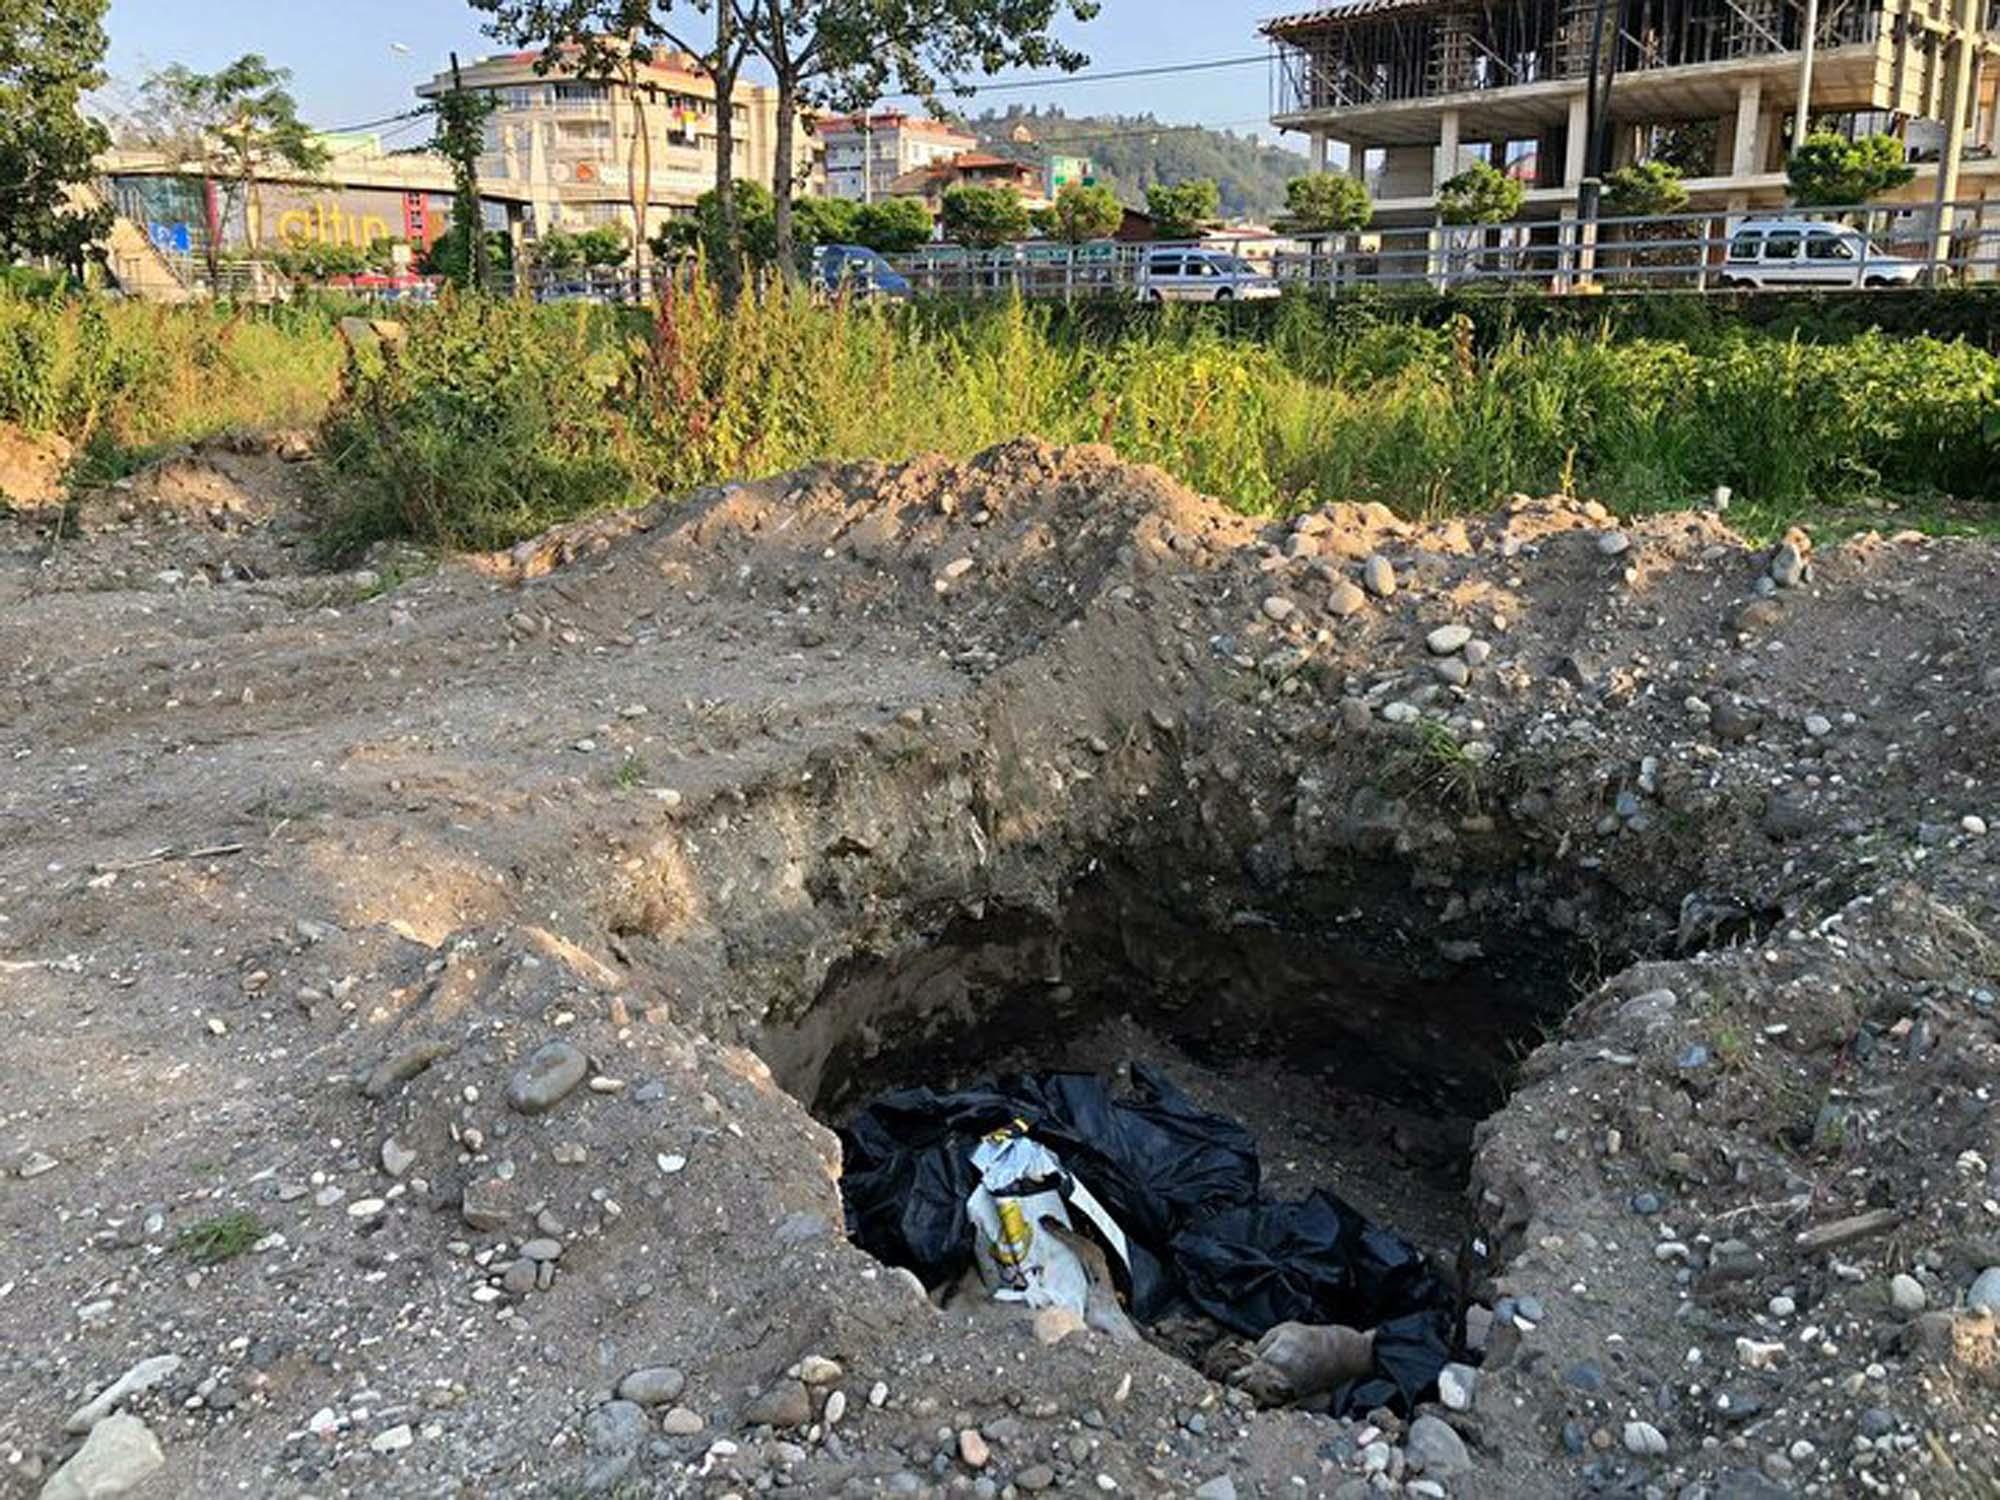 Giresun'da akıllara durgunluk veren olay! Çukurun içinde 10 adet ölü köpek bulundu!